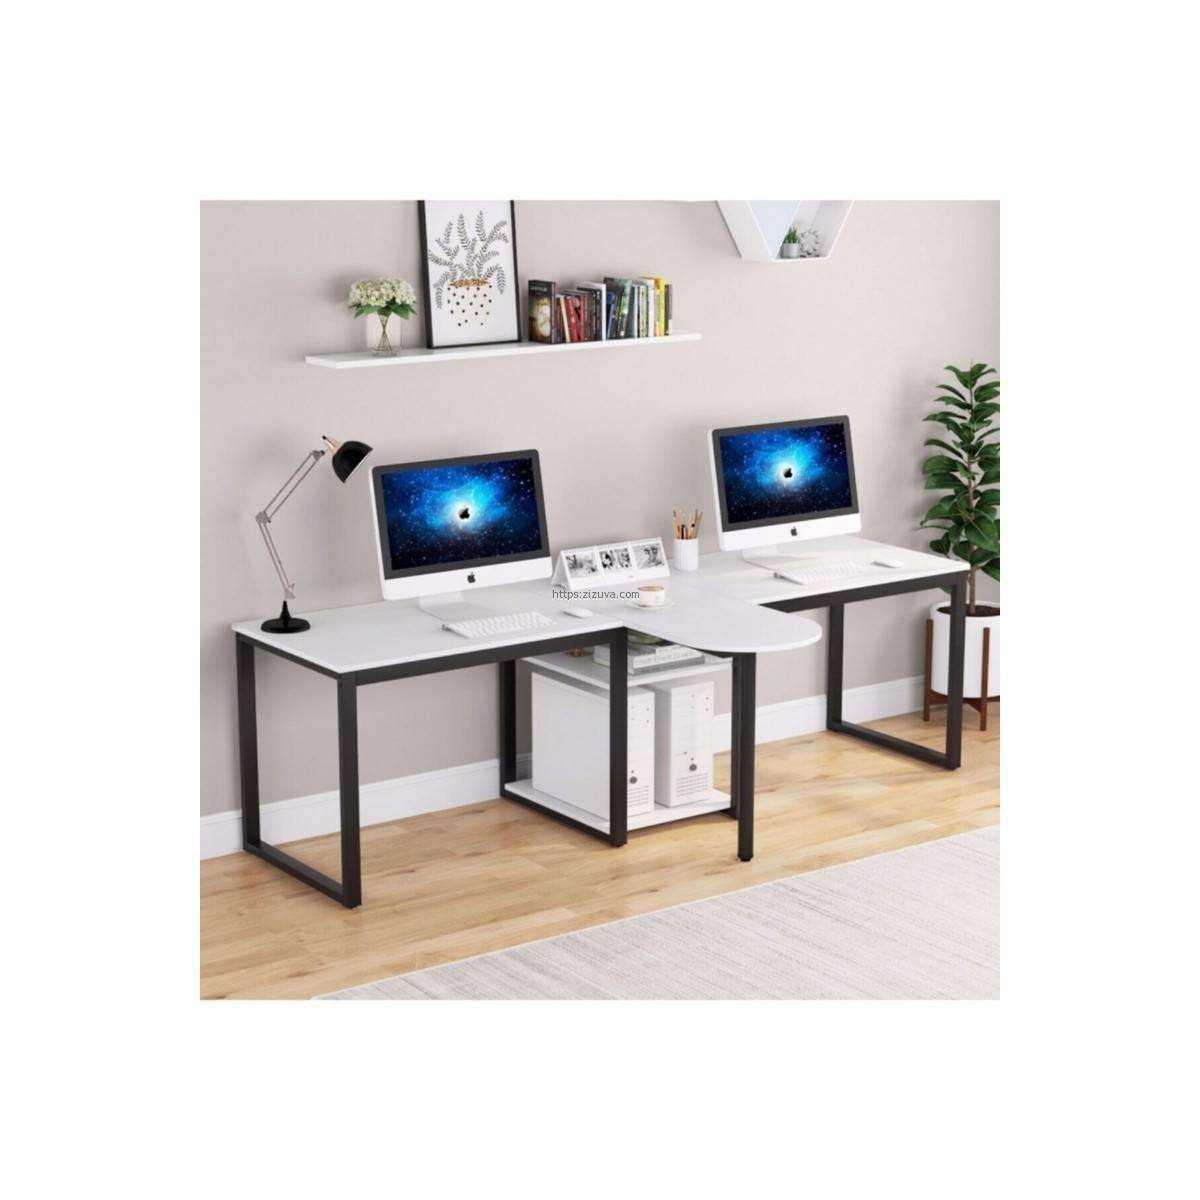 Zizuva Tasarım iki Kişilik Beyaz Çalışma Masası